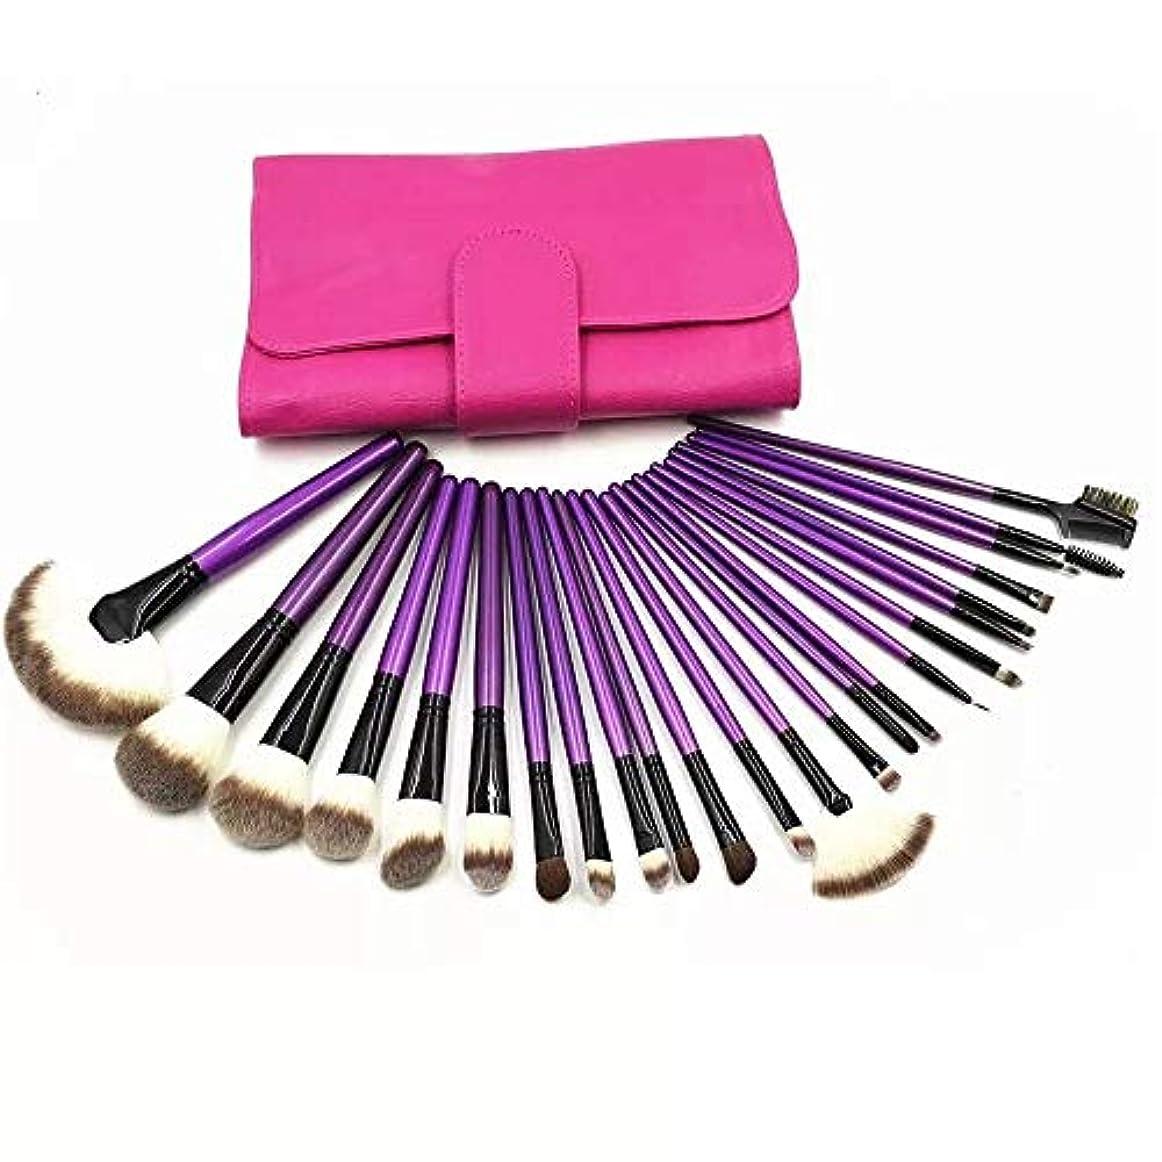 ちょっと待ってくそーヒールCHANGYUXINTAI-HUAZHUANGSHUA あなたのニーズを満たすために、保護カバー付き24プロのメイクアップブラシ (Color : Purple)